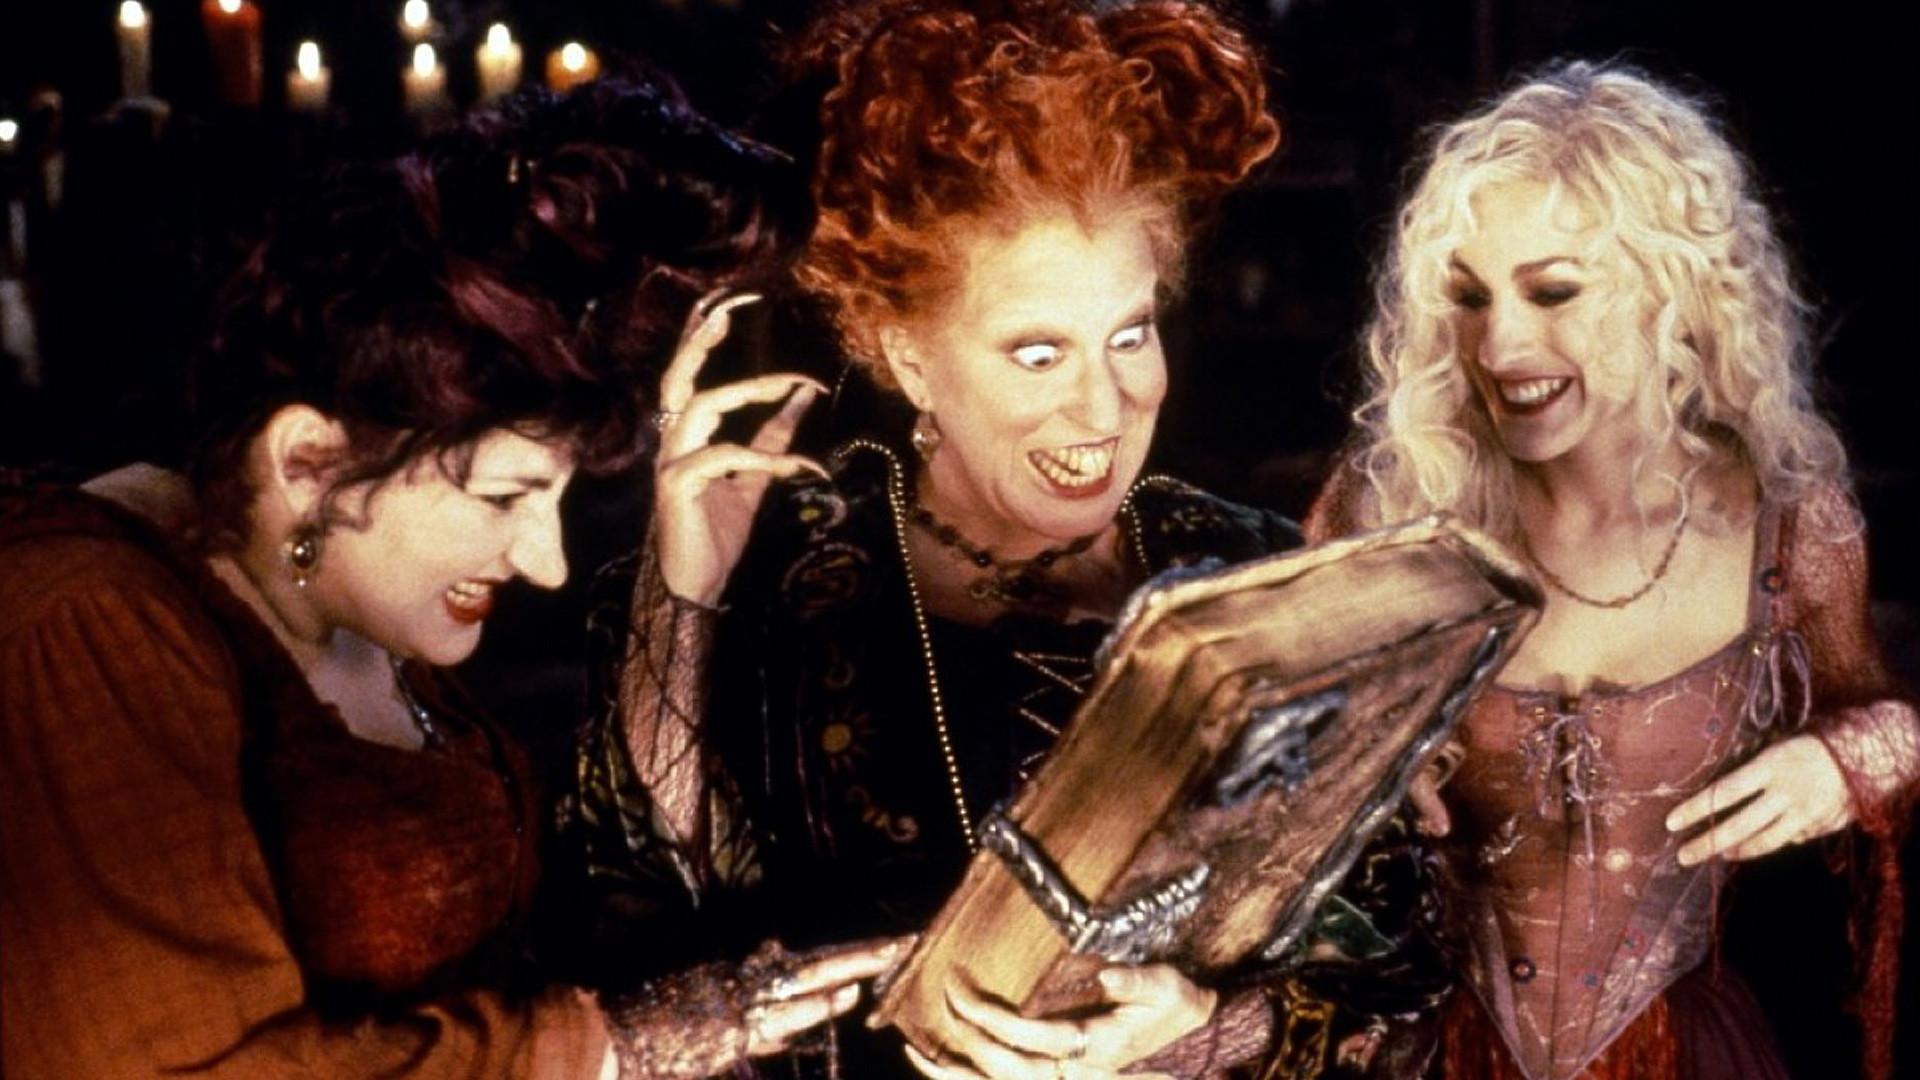 semana-do-halloween-noite-5-filmes-sobre-bruxas_11